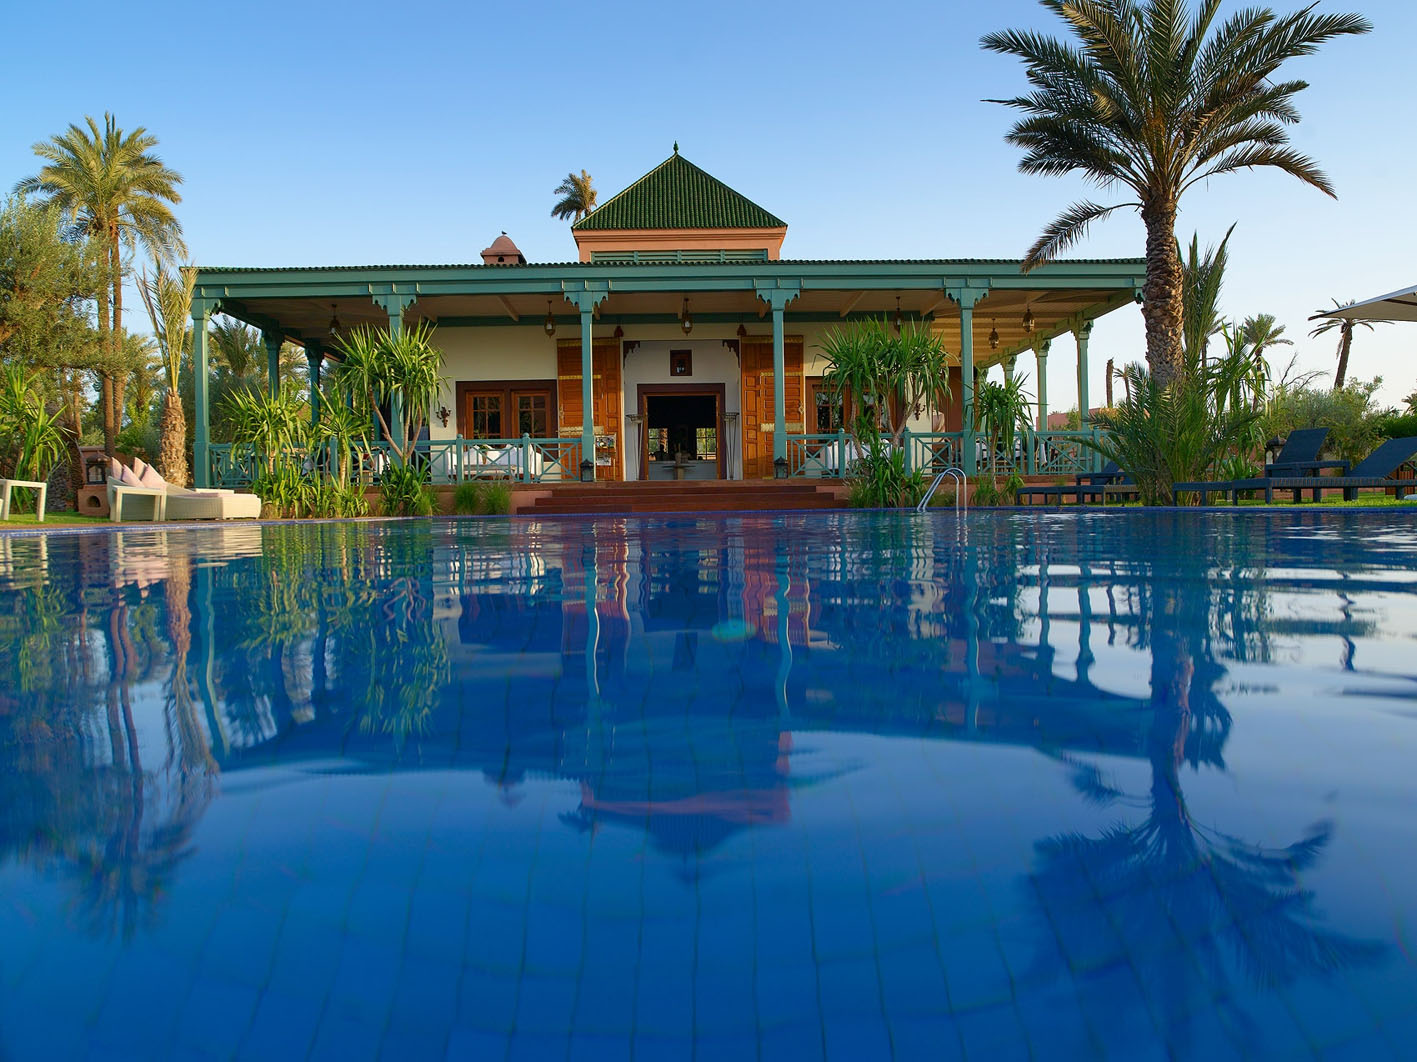 hotel les jardins d 39 ines en marrakech marruecos. Black Bedroom Furniture Sets. Home Design Ideas